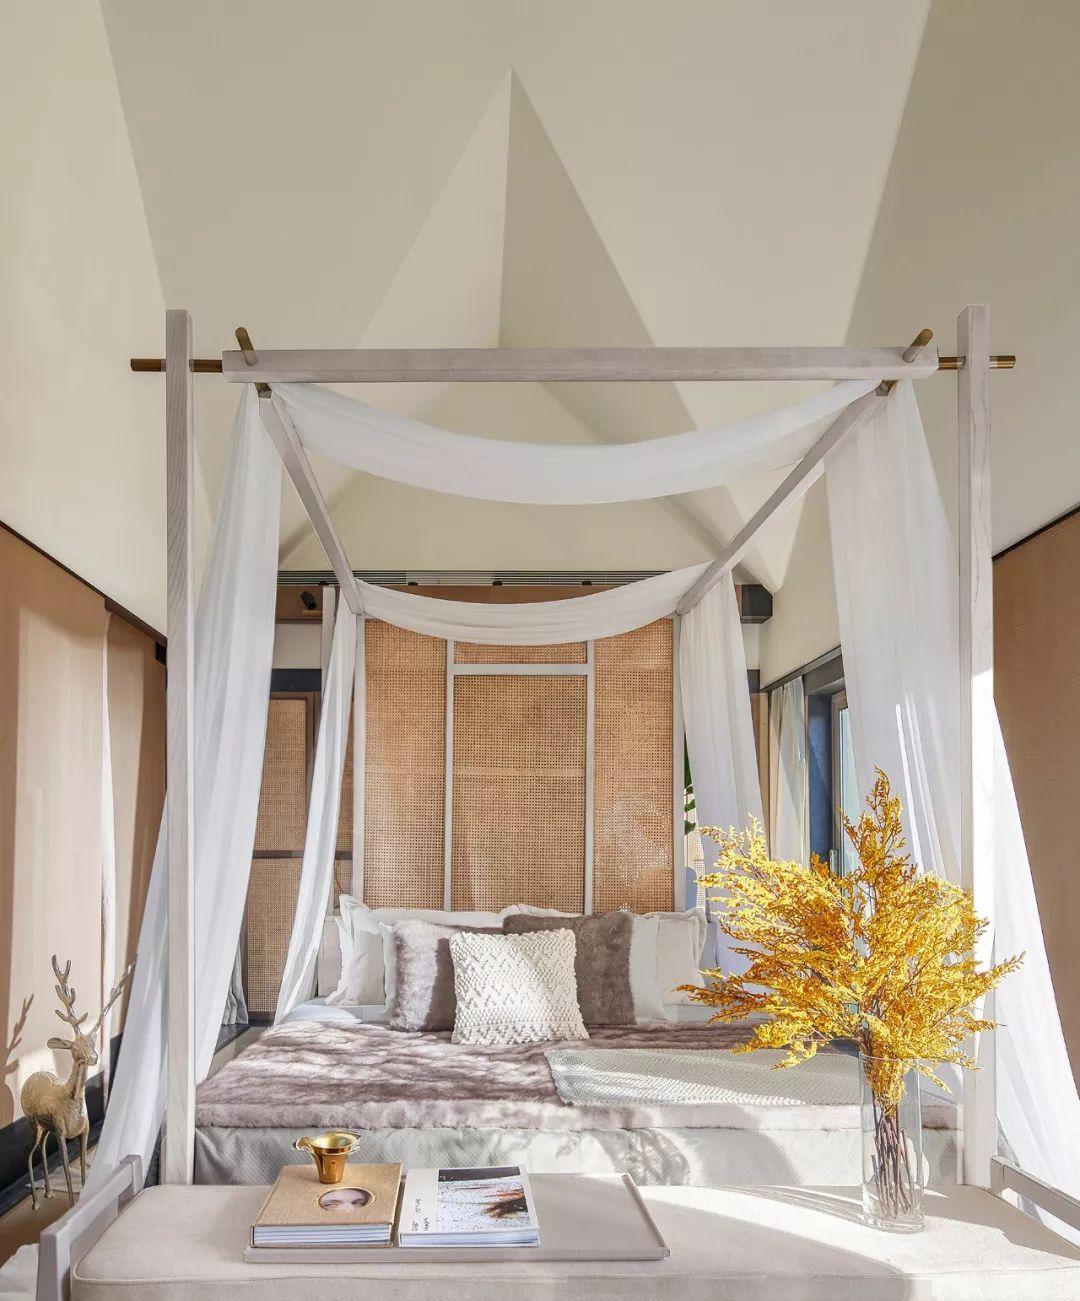 520㎡ 顶级别墅设计,打造朴质的室内气质!  - 21